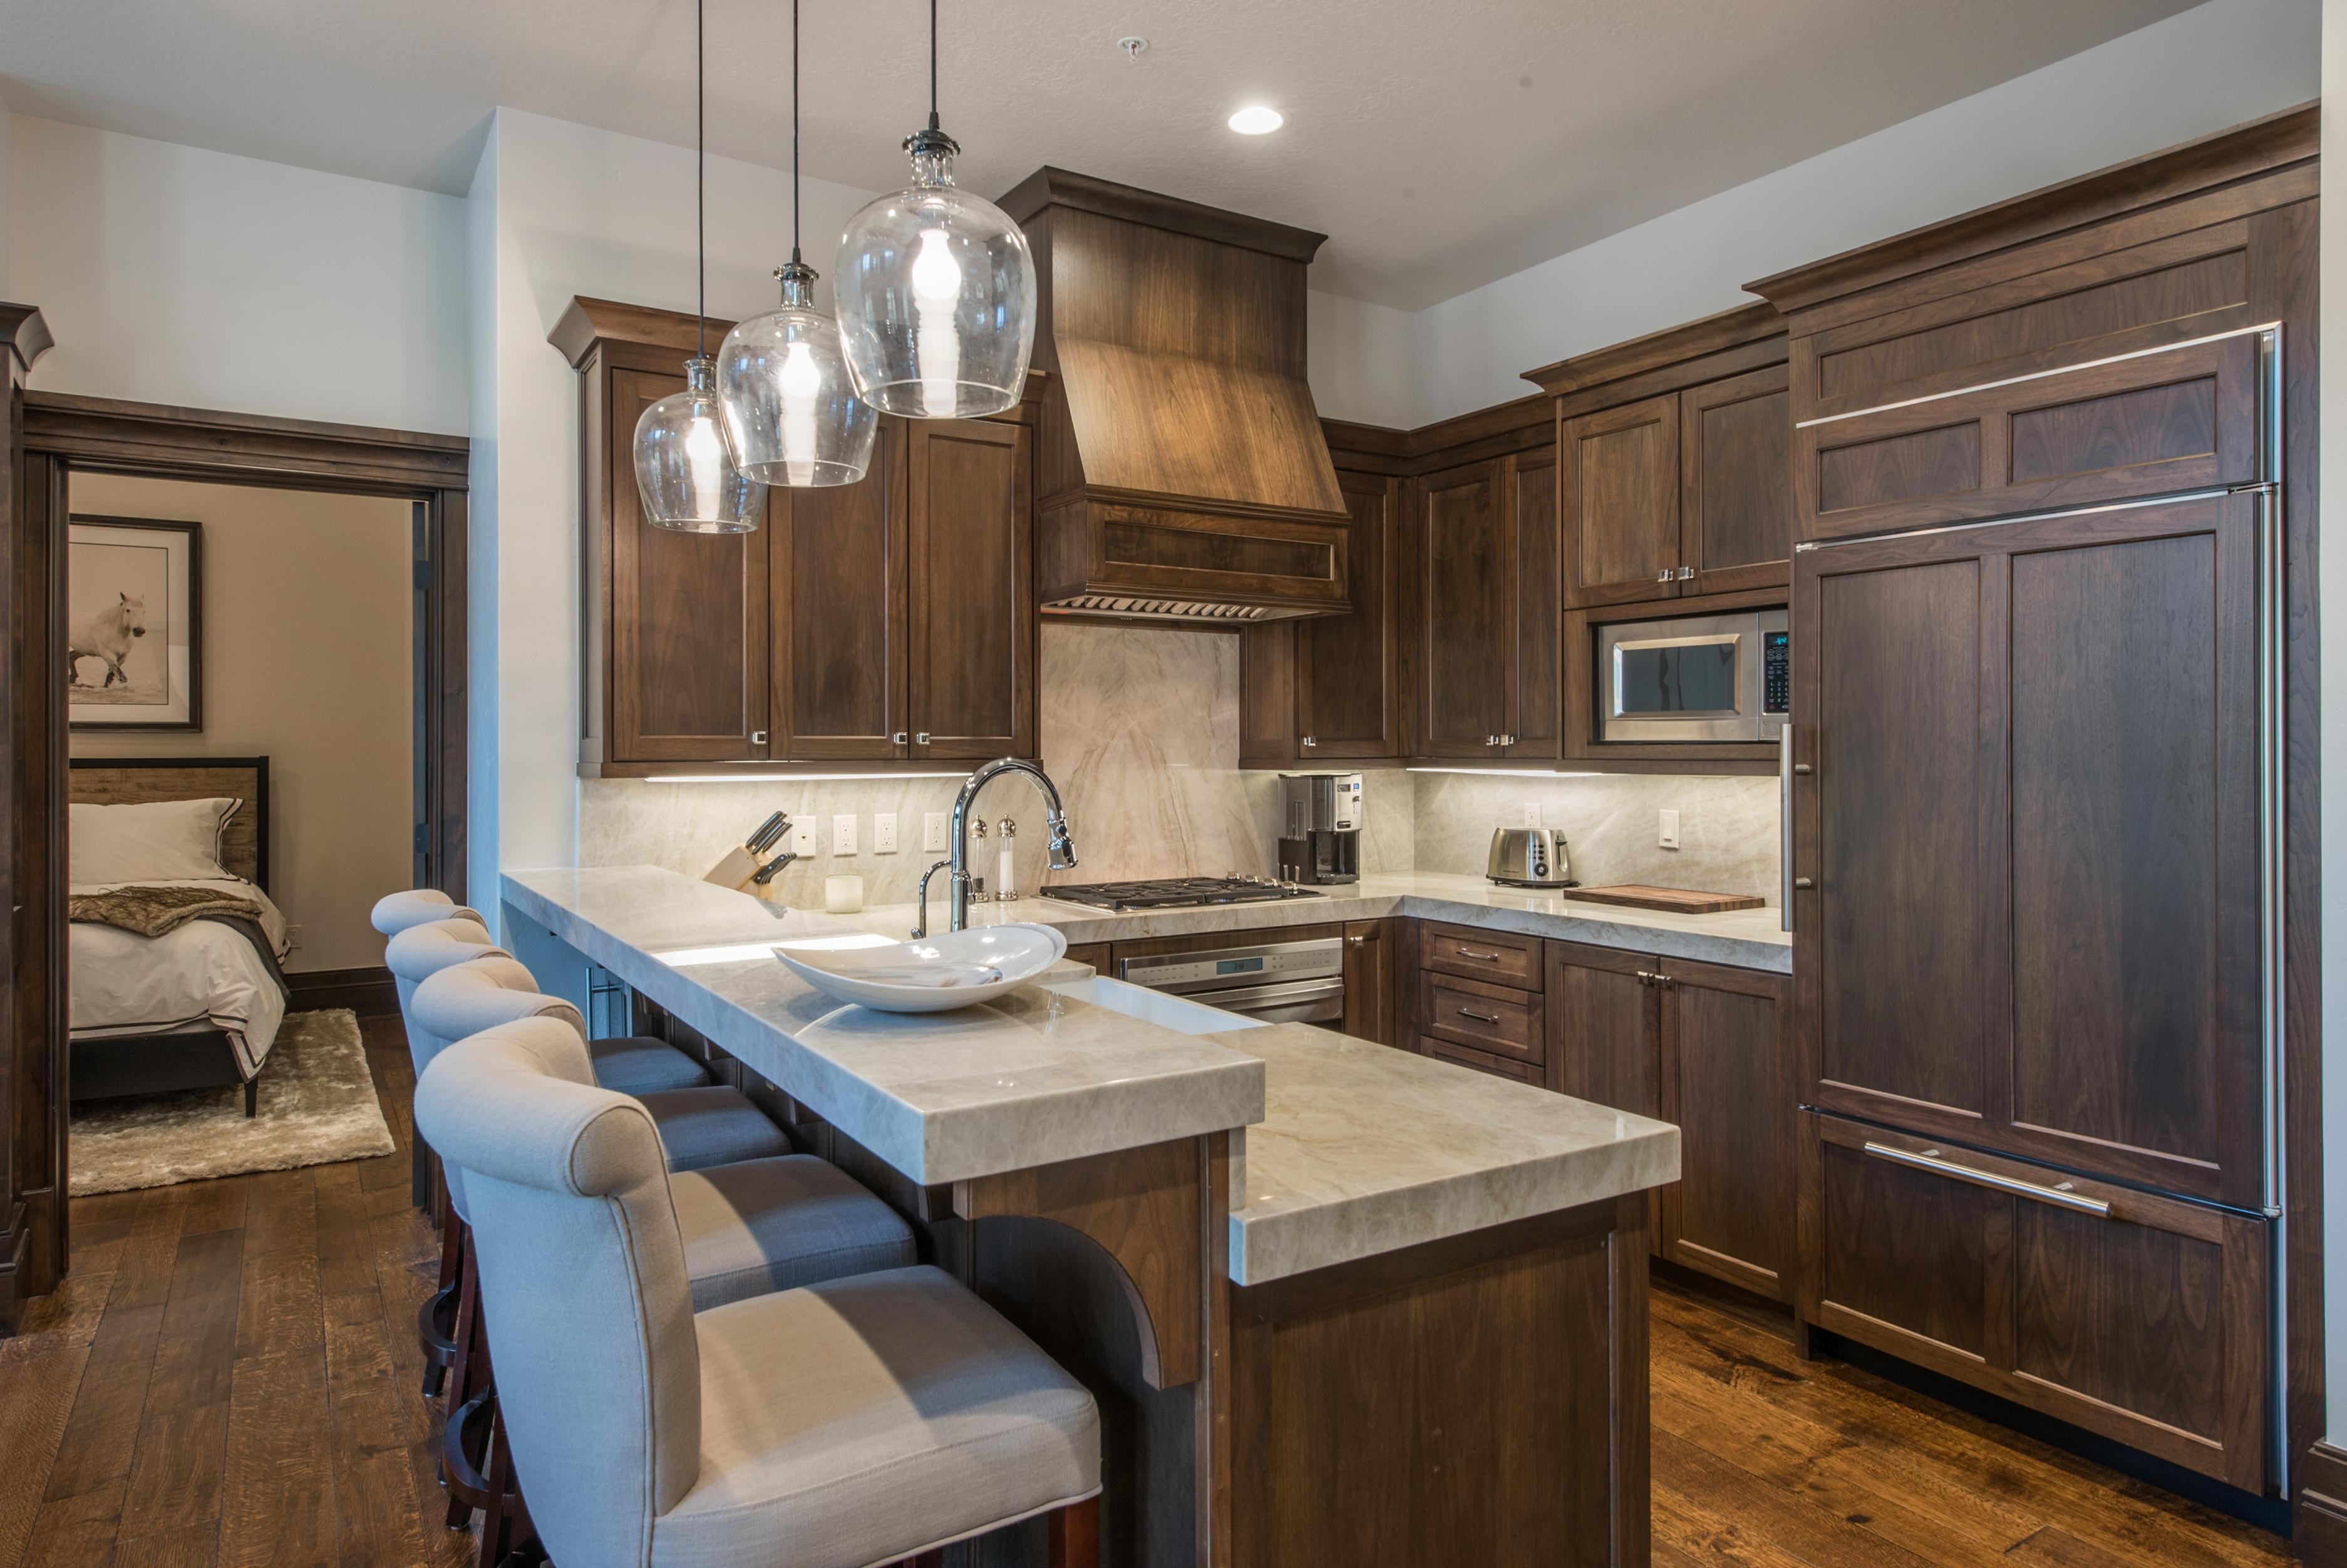 616 Kitchen_high_2787053